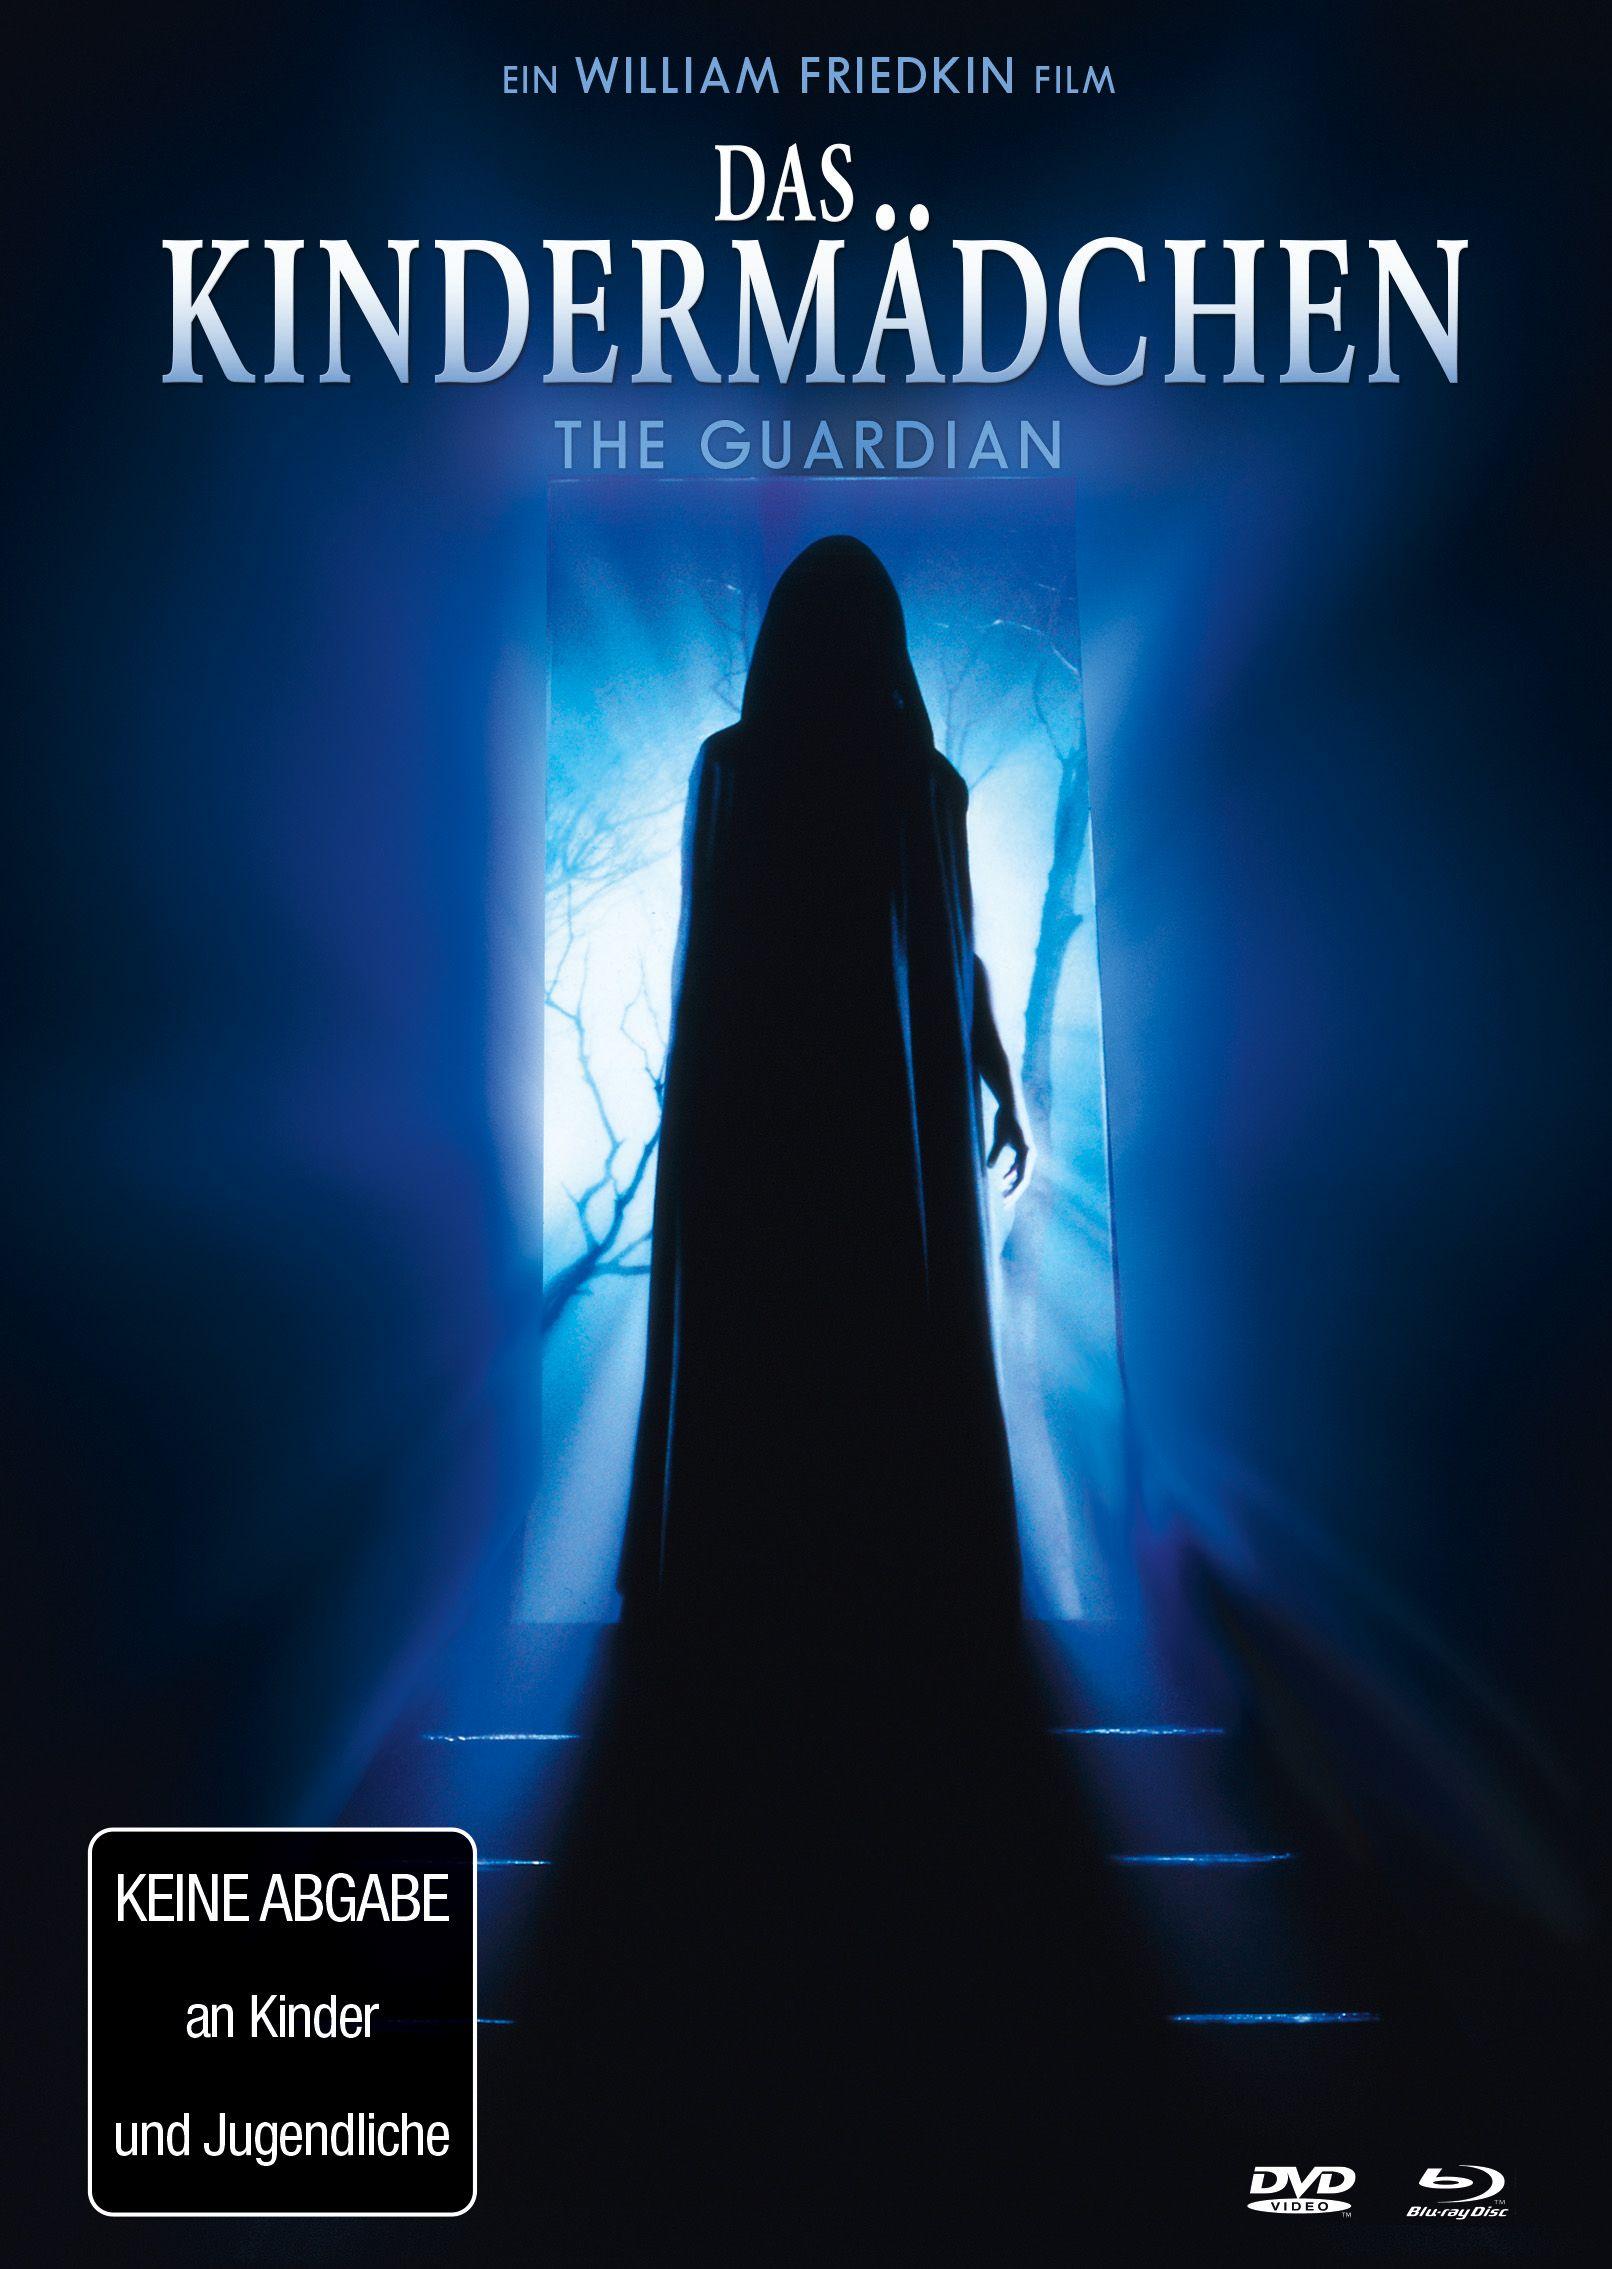 Kindermädchen, Das (Lim. Uncut Mediabook) (DVD + BLURAY)